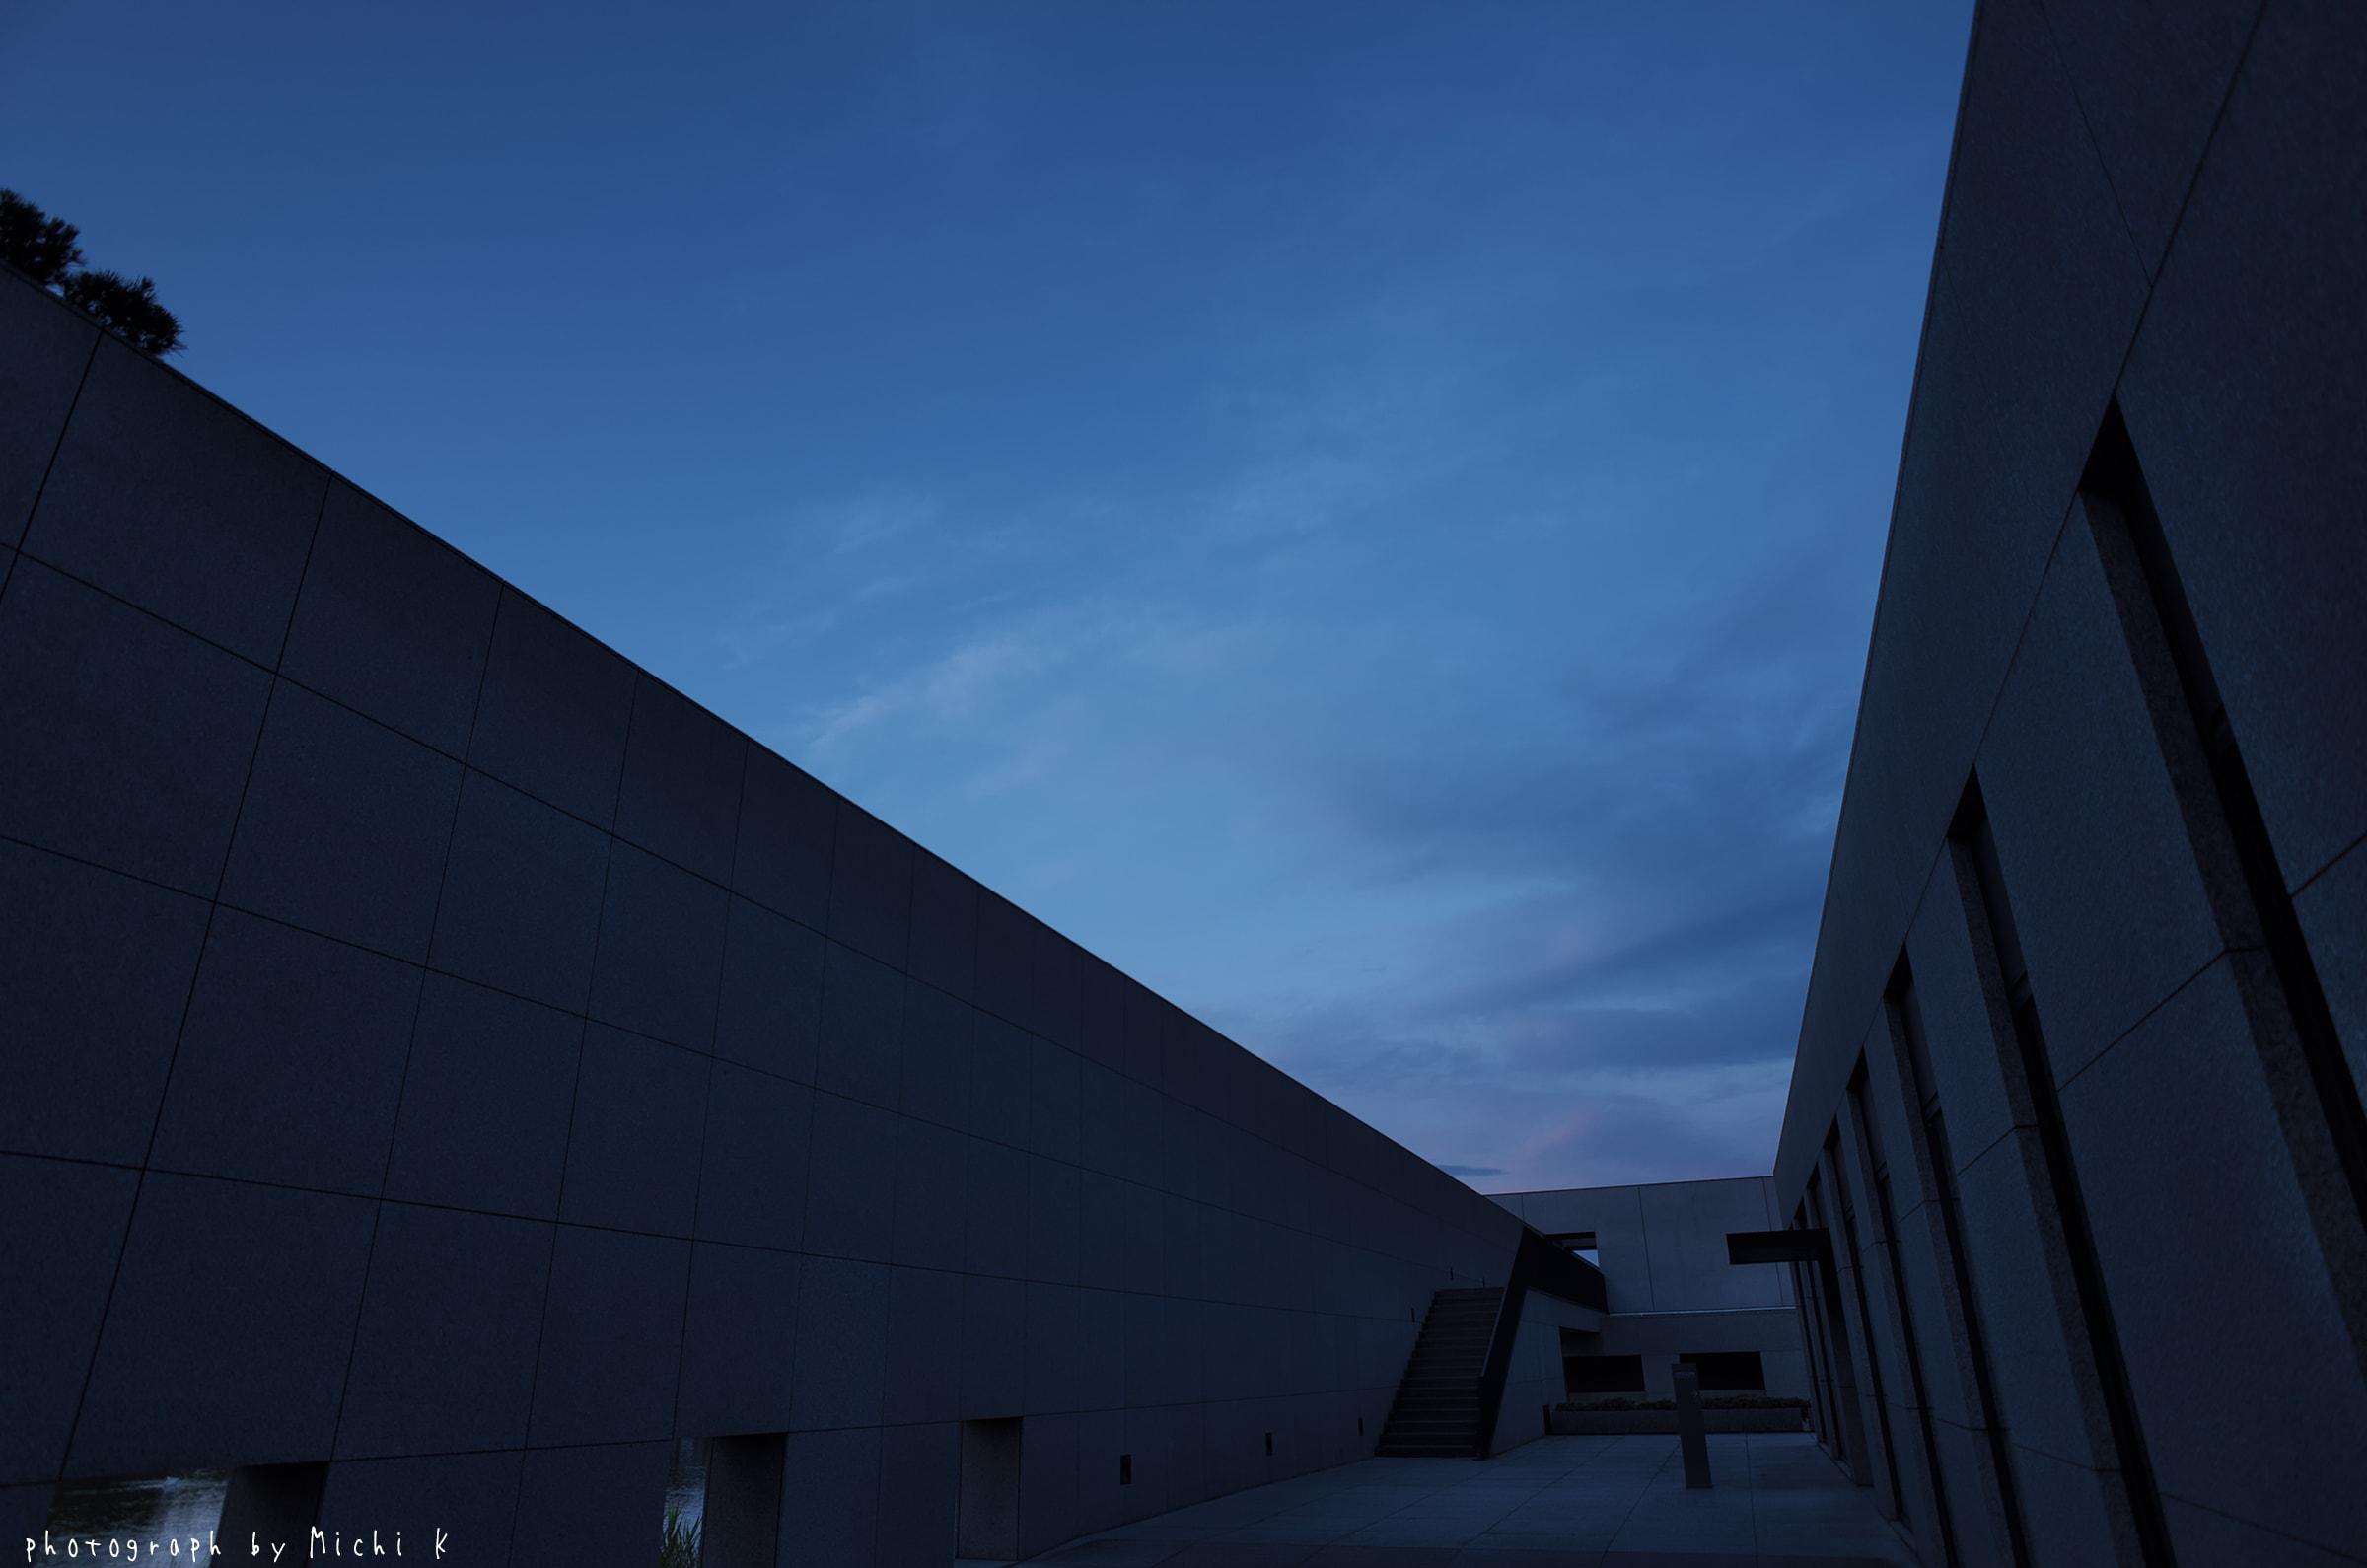 土門拳記念館2018-7-15(写真その3)